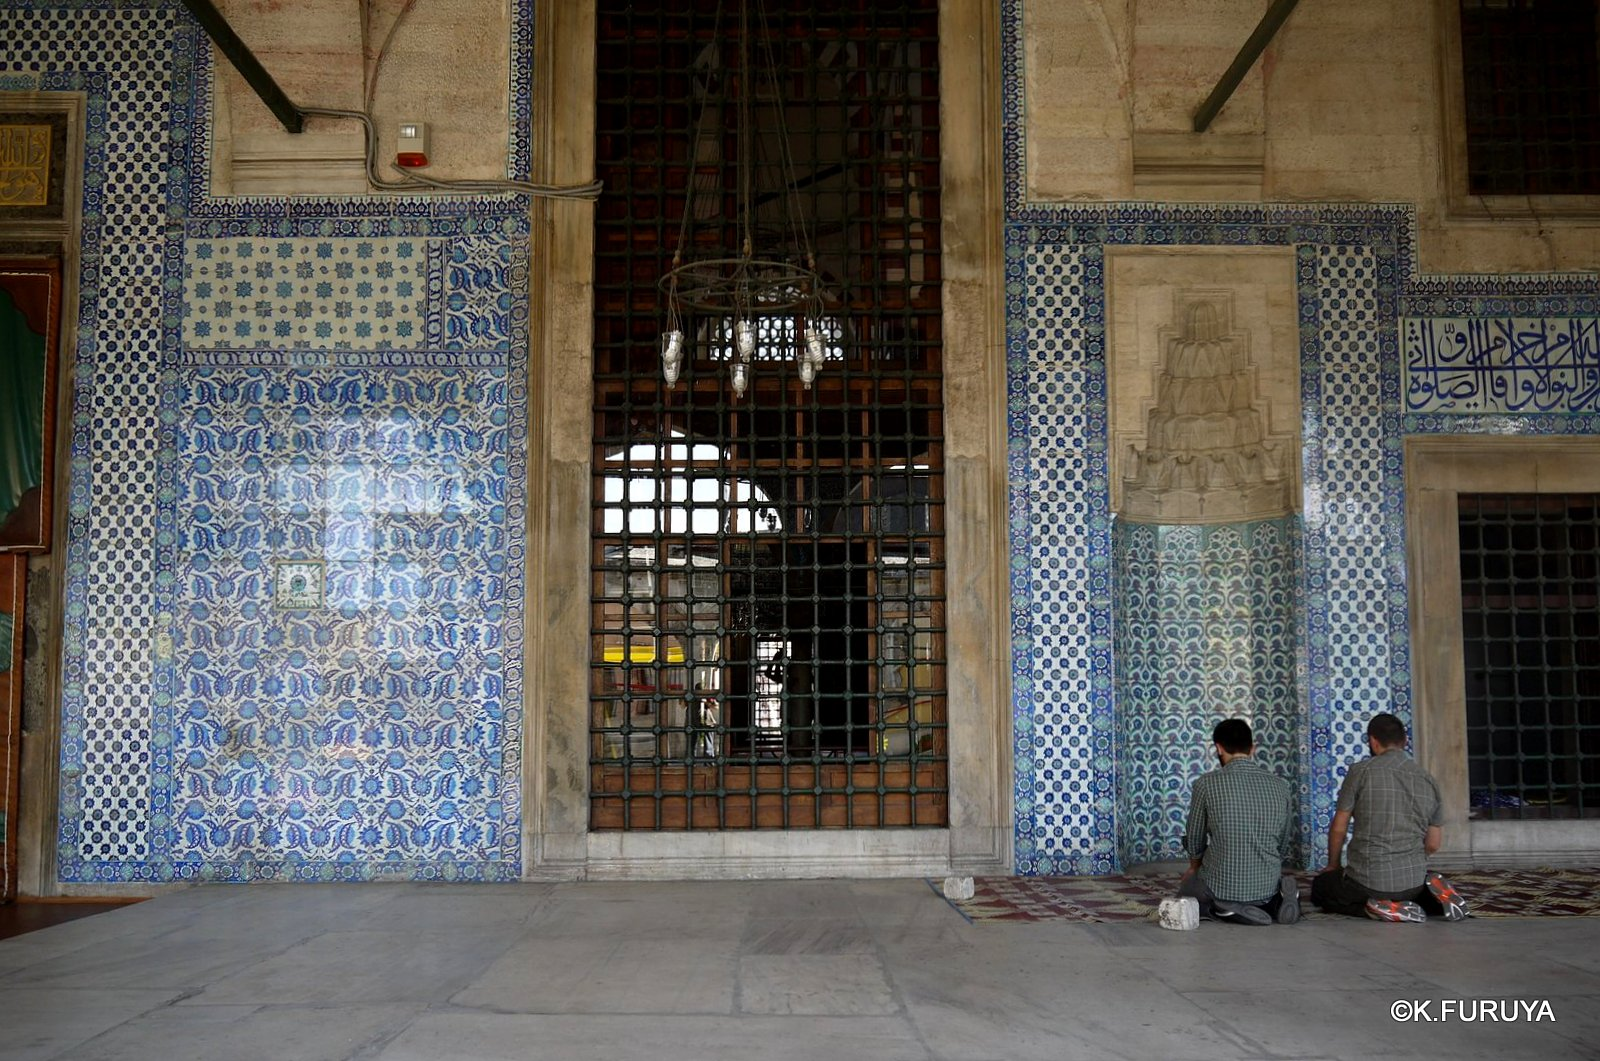 トルコ旅行記 40 イスタンブール旧市街の小さなモスク_a0092659_171845100.jpg